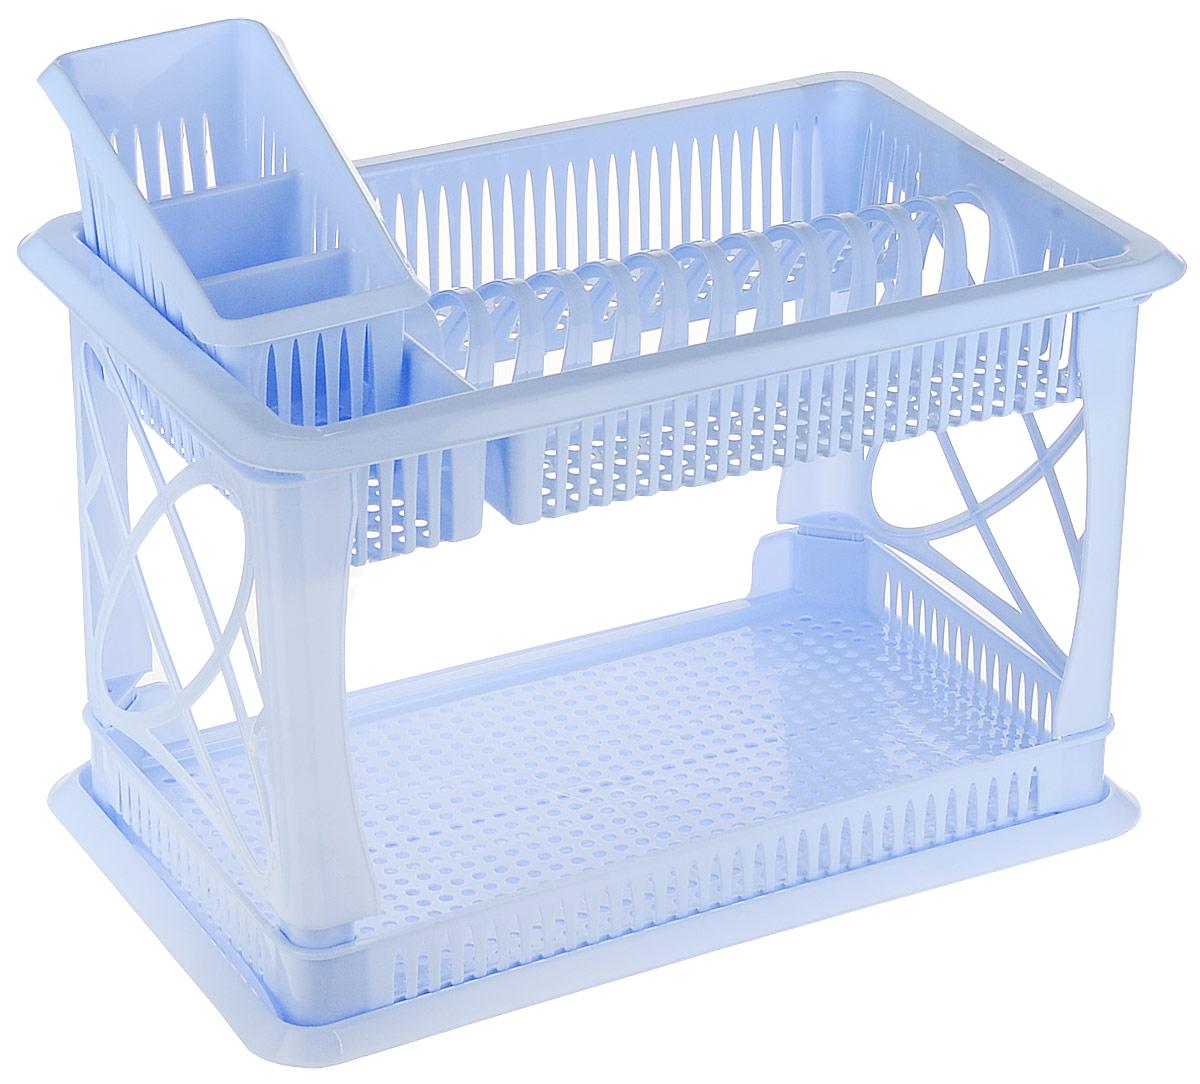 Сушилка для посуды Plastic Centre Лилия, 2-ярусная, с поддоном, с сушилкой для столовых приборов, цвет: голубой, 49 х 17,5 х 32,5 смПЦ1558ГЛП_голубойДвухъярусная сушилка для посуды выполнена из пластика. Изделие оснащено поддоном для стекания воды и подставкой для столовых приборов и стаканов. Сушилка может быть установлена как на столе, так и подвешена на стену при помощи крючков (не входят в комплект). Размер сушилки (с учетом подставок): 49 х 17,5 х 32,5 см.Размер поддона: 47 х 30 х 2,5 см.